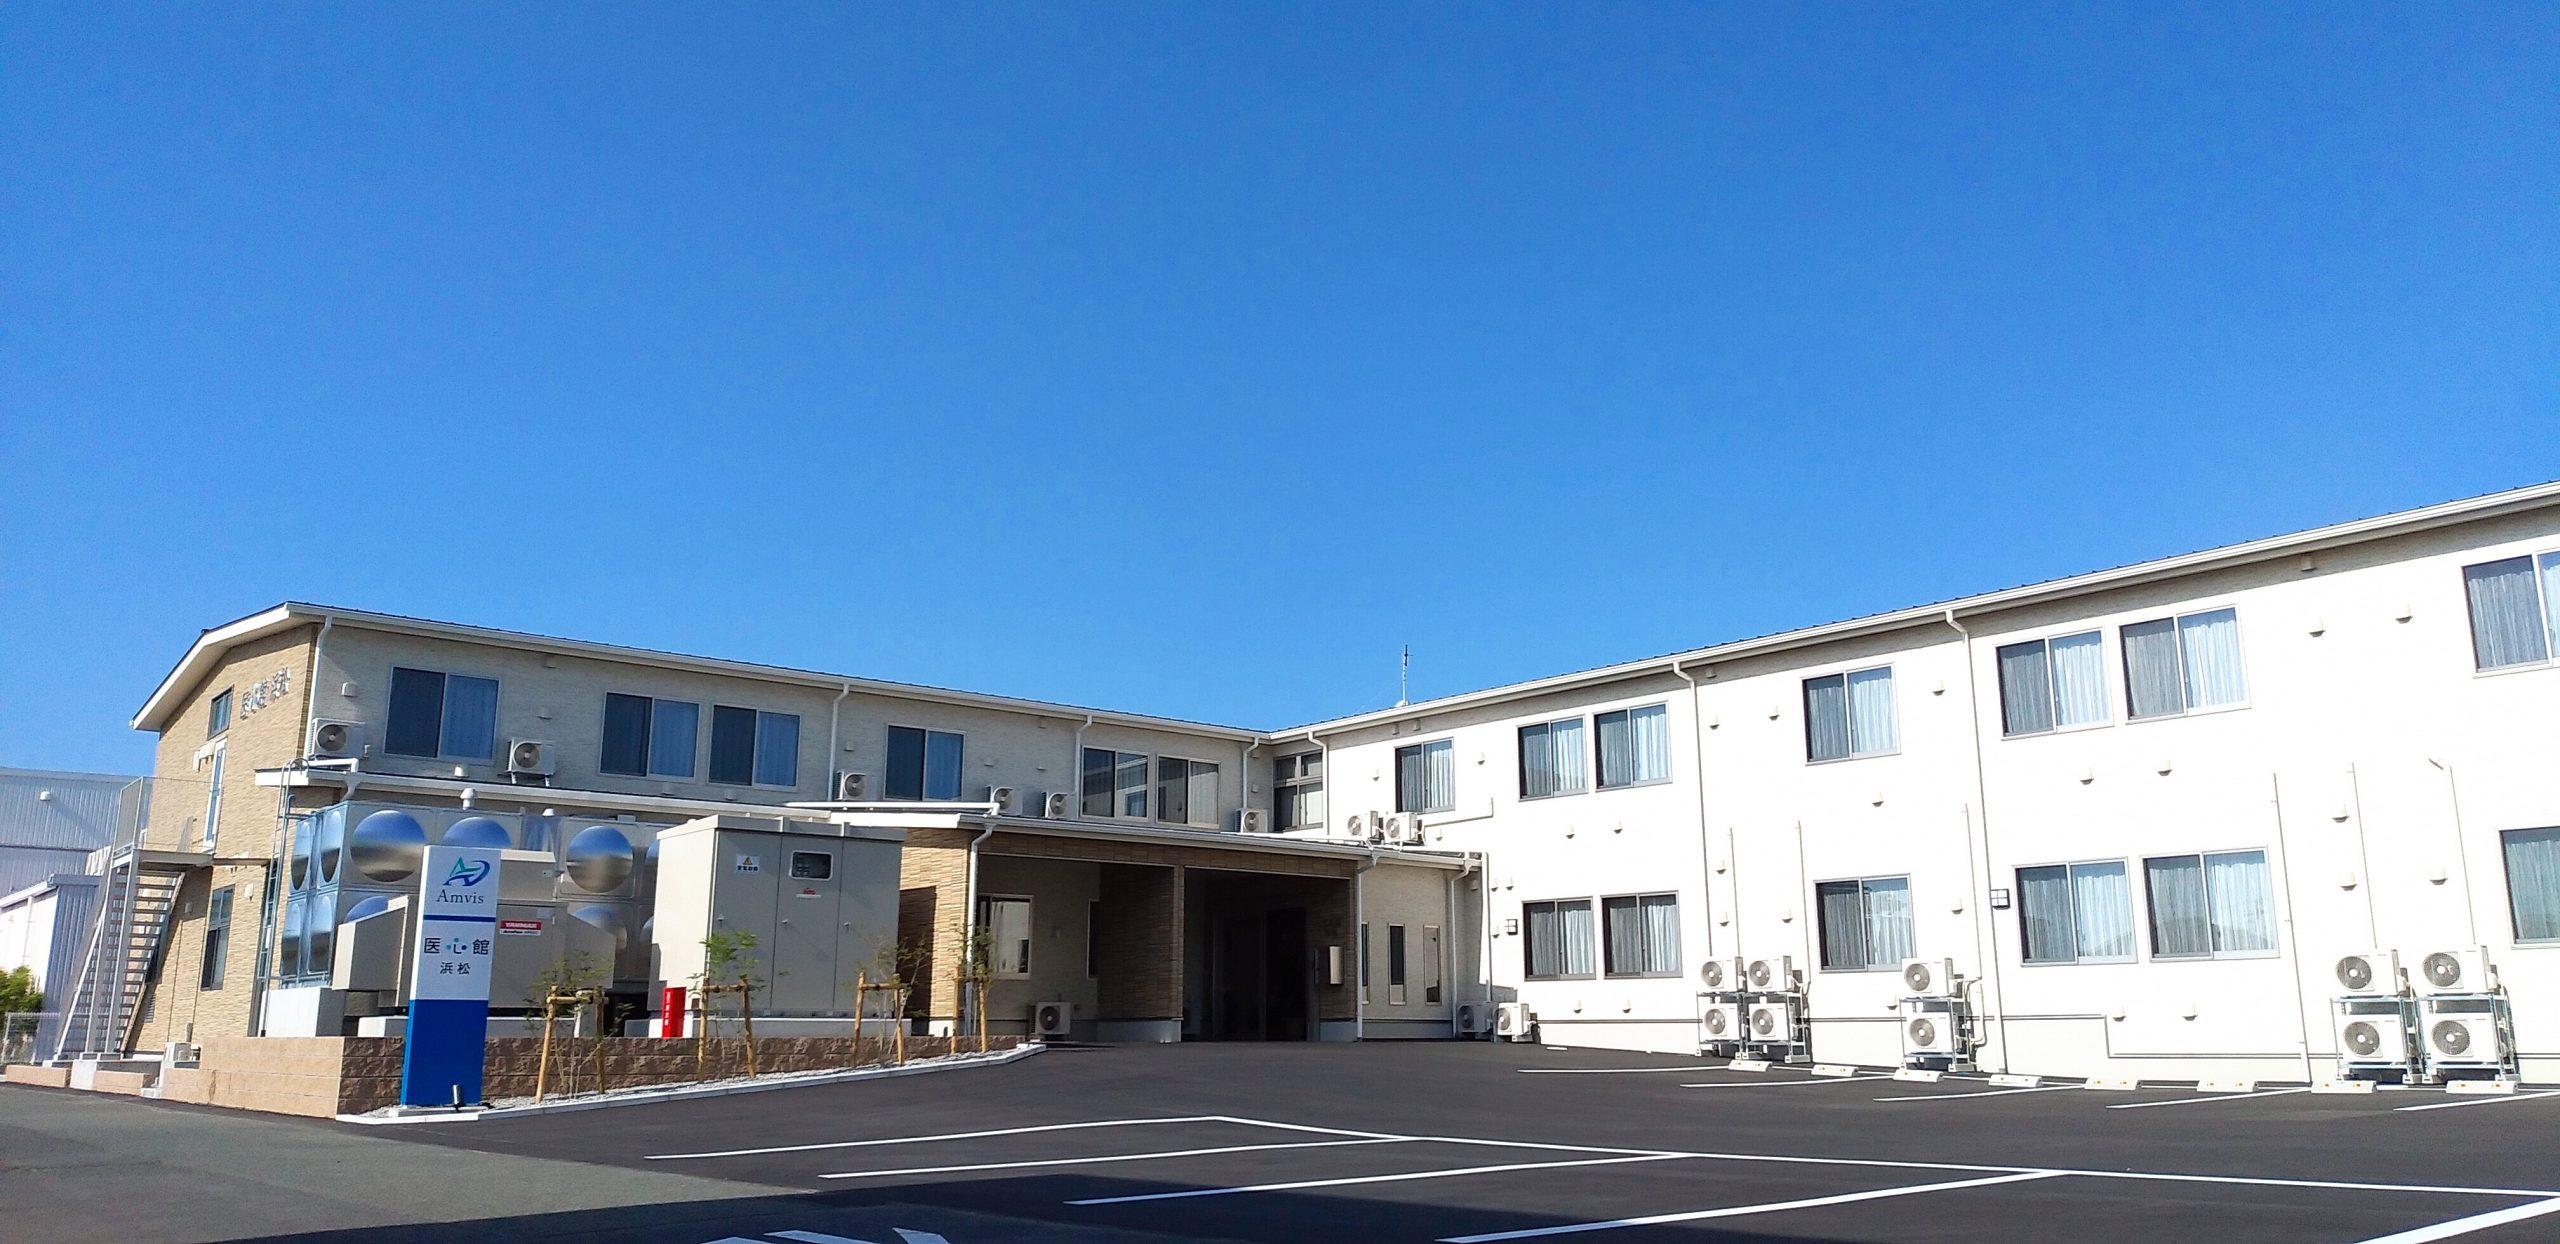 静岡県では初開設となる有料老人ホーム「医心館 浜松」をオープンしました